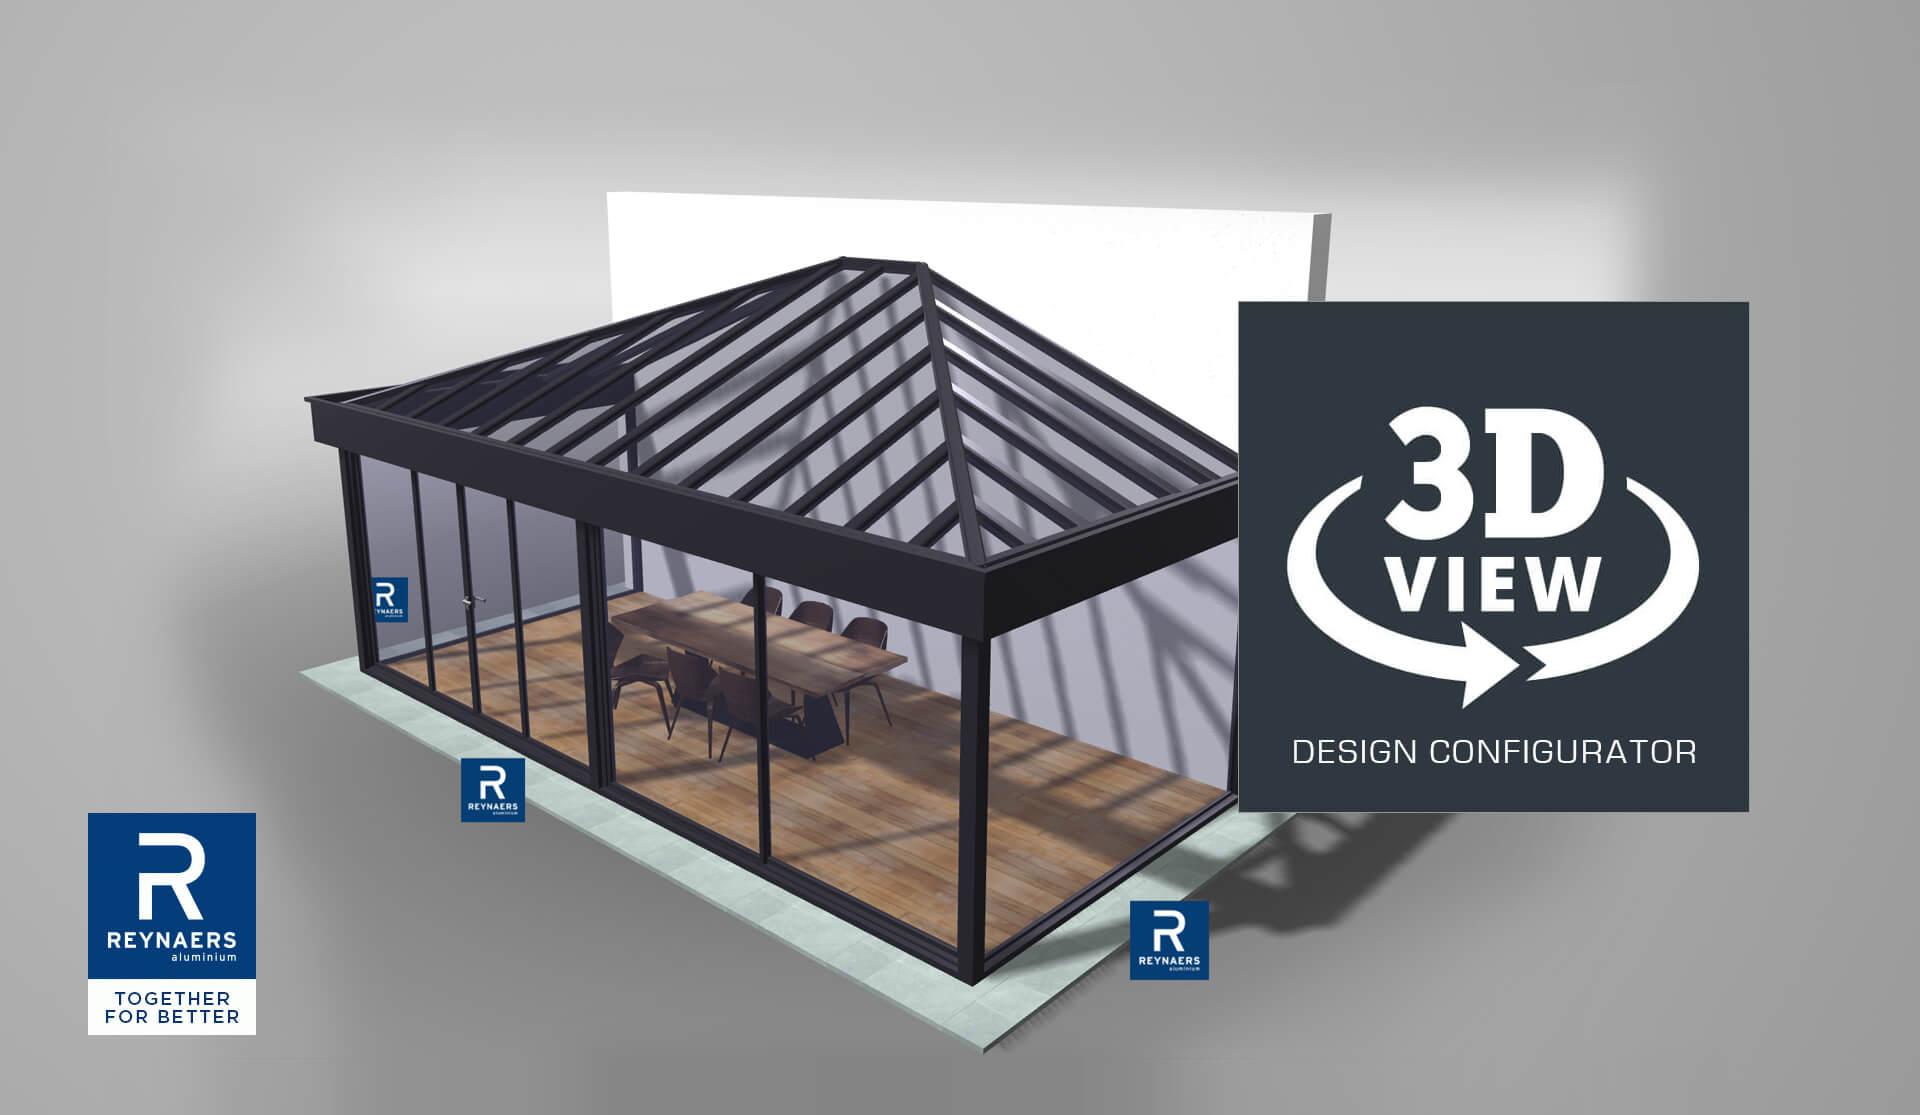 3D Конфигуратор за зимни градини Reynaers